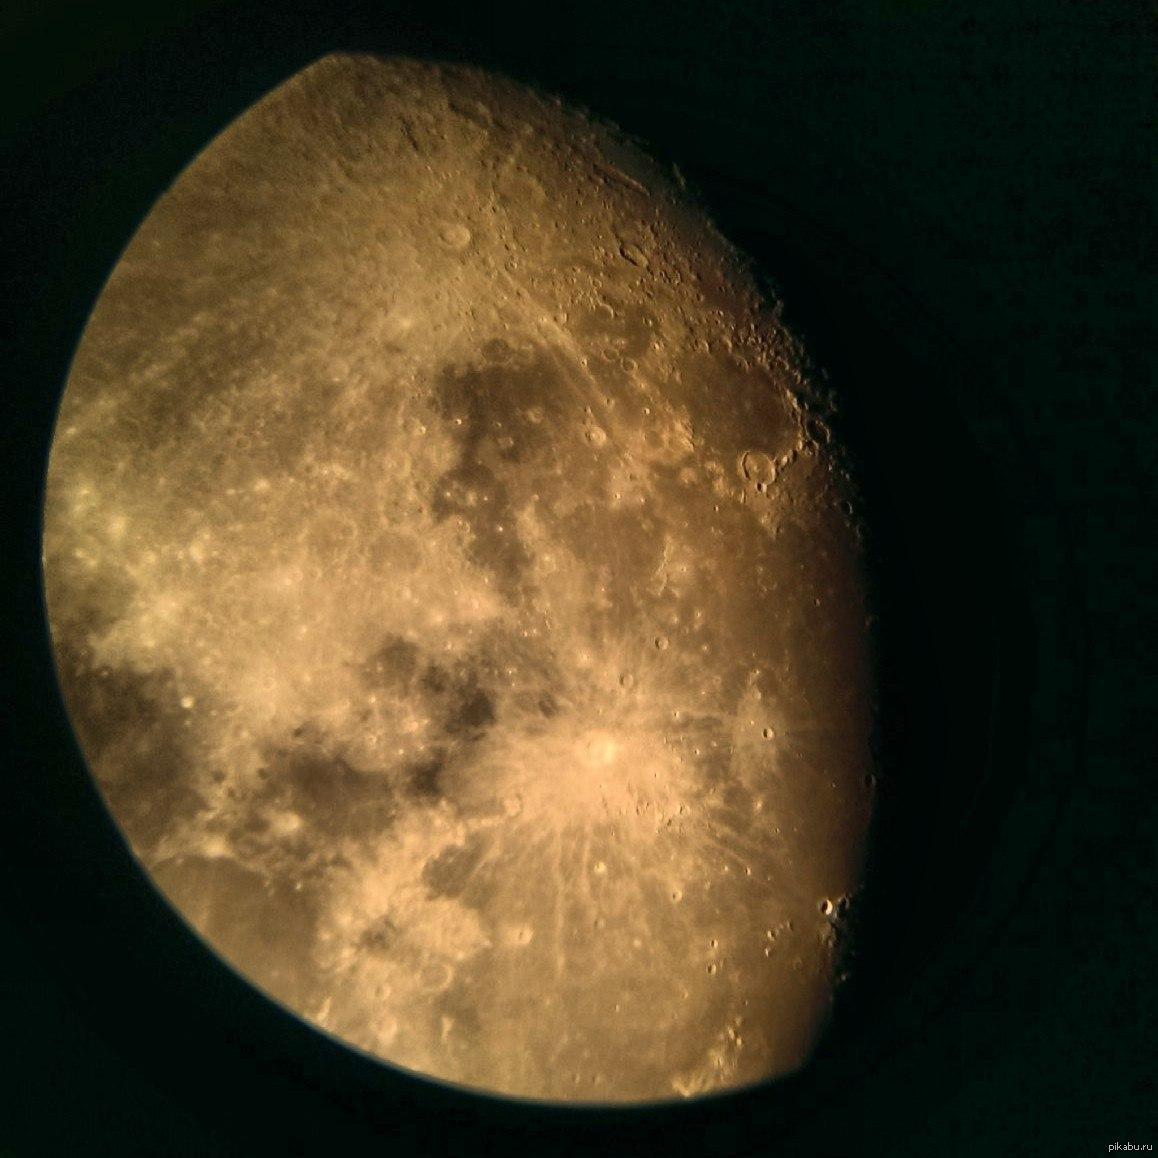 давних времён, фото луны через телескоп заражения вшами